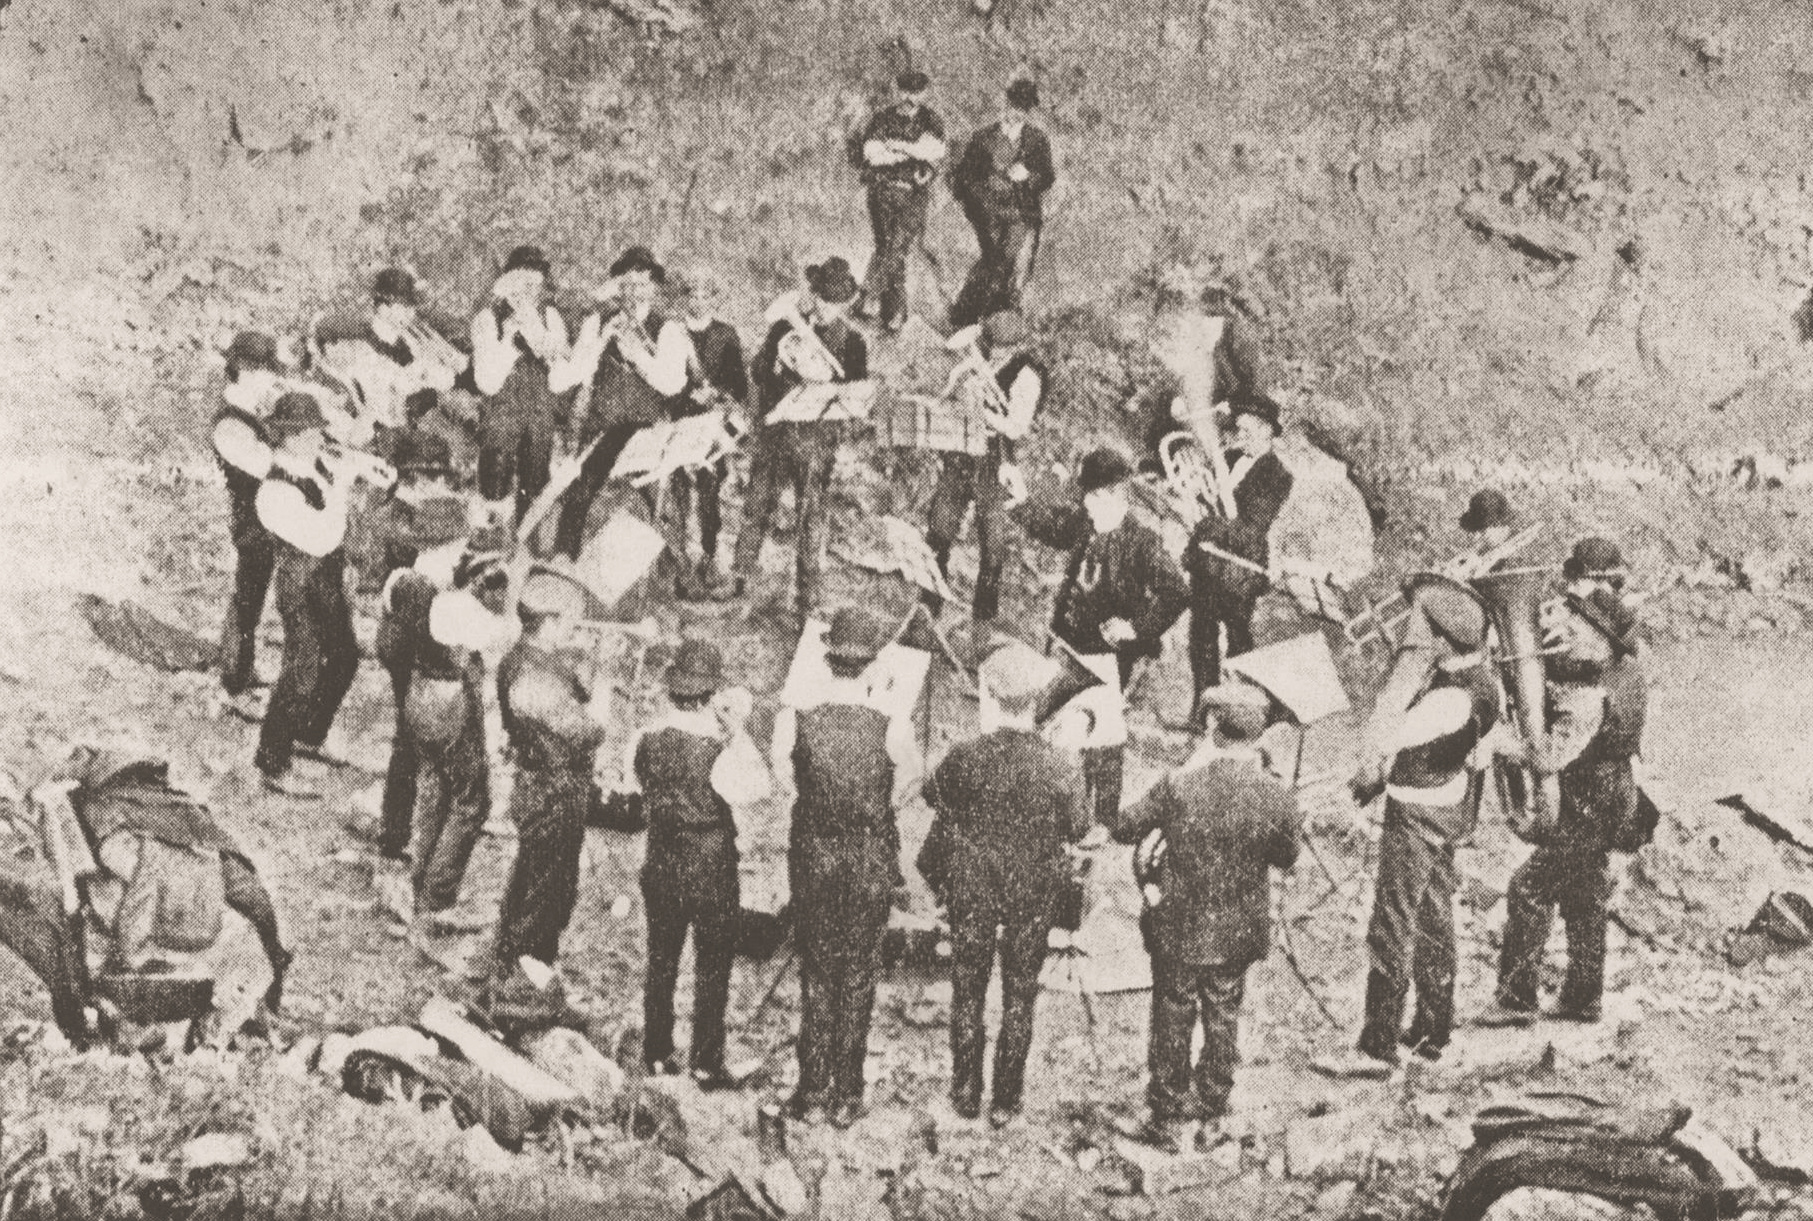 19060000_Collingwood-Band-Quarry_phot19034